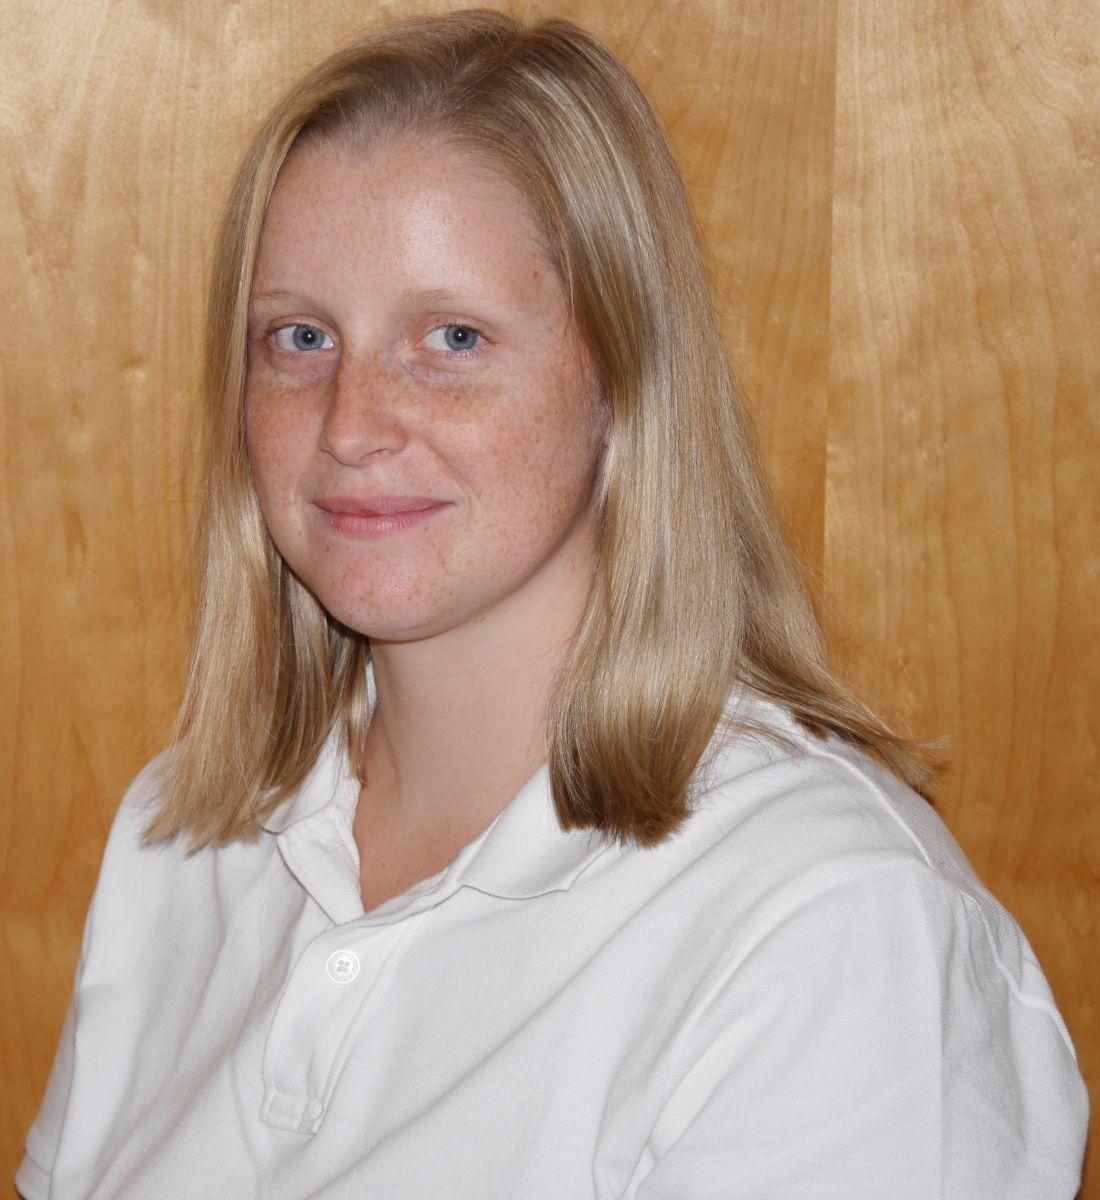 Das Foto zeigt Katharine Weigl aus Graz vor einer Holzwand. Sie hat schulterlange blonde Haare und viele Sommersprossen im Gesicht. Sie steht schräg zur Kamera und trägt ein weißes Polo T-Shirt.